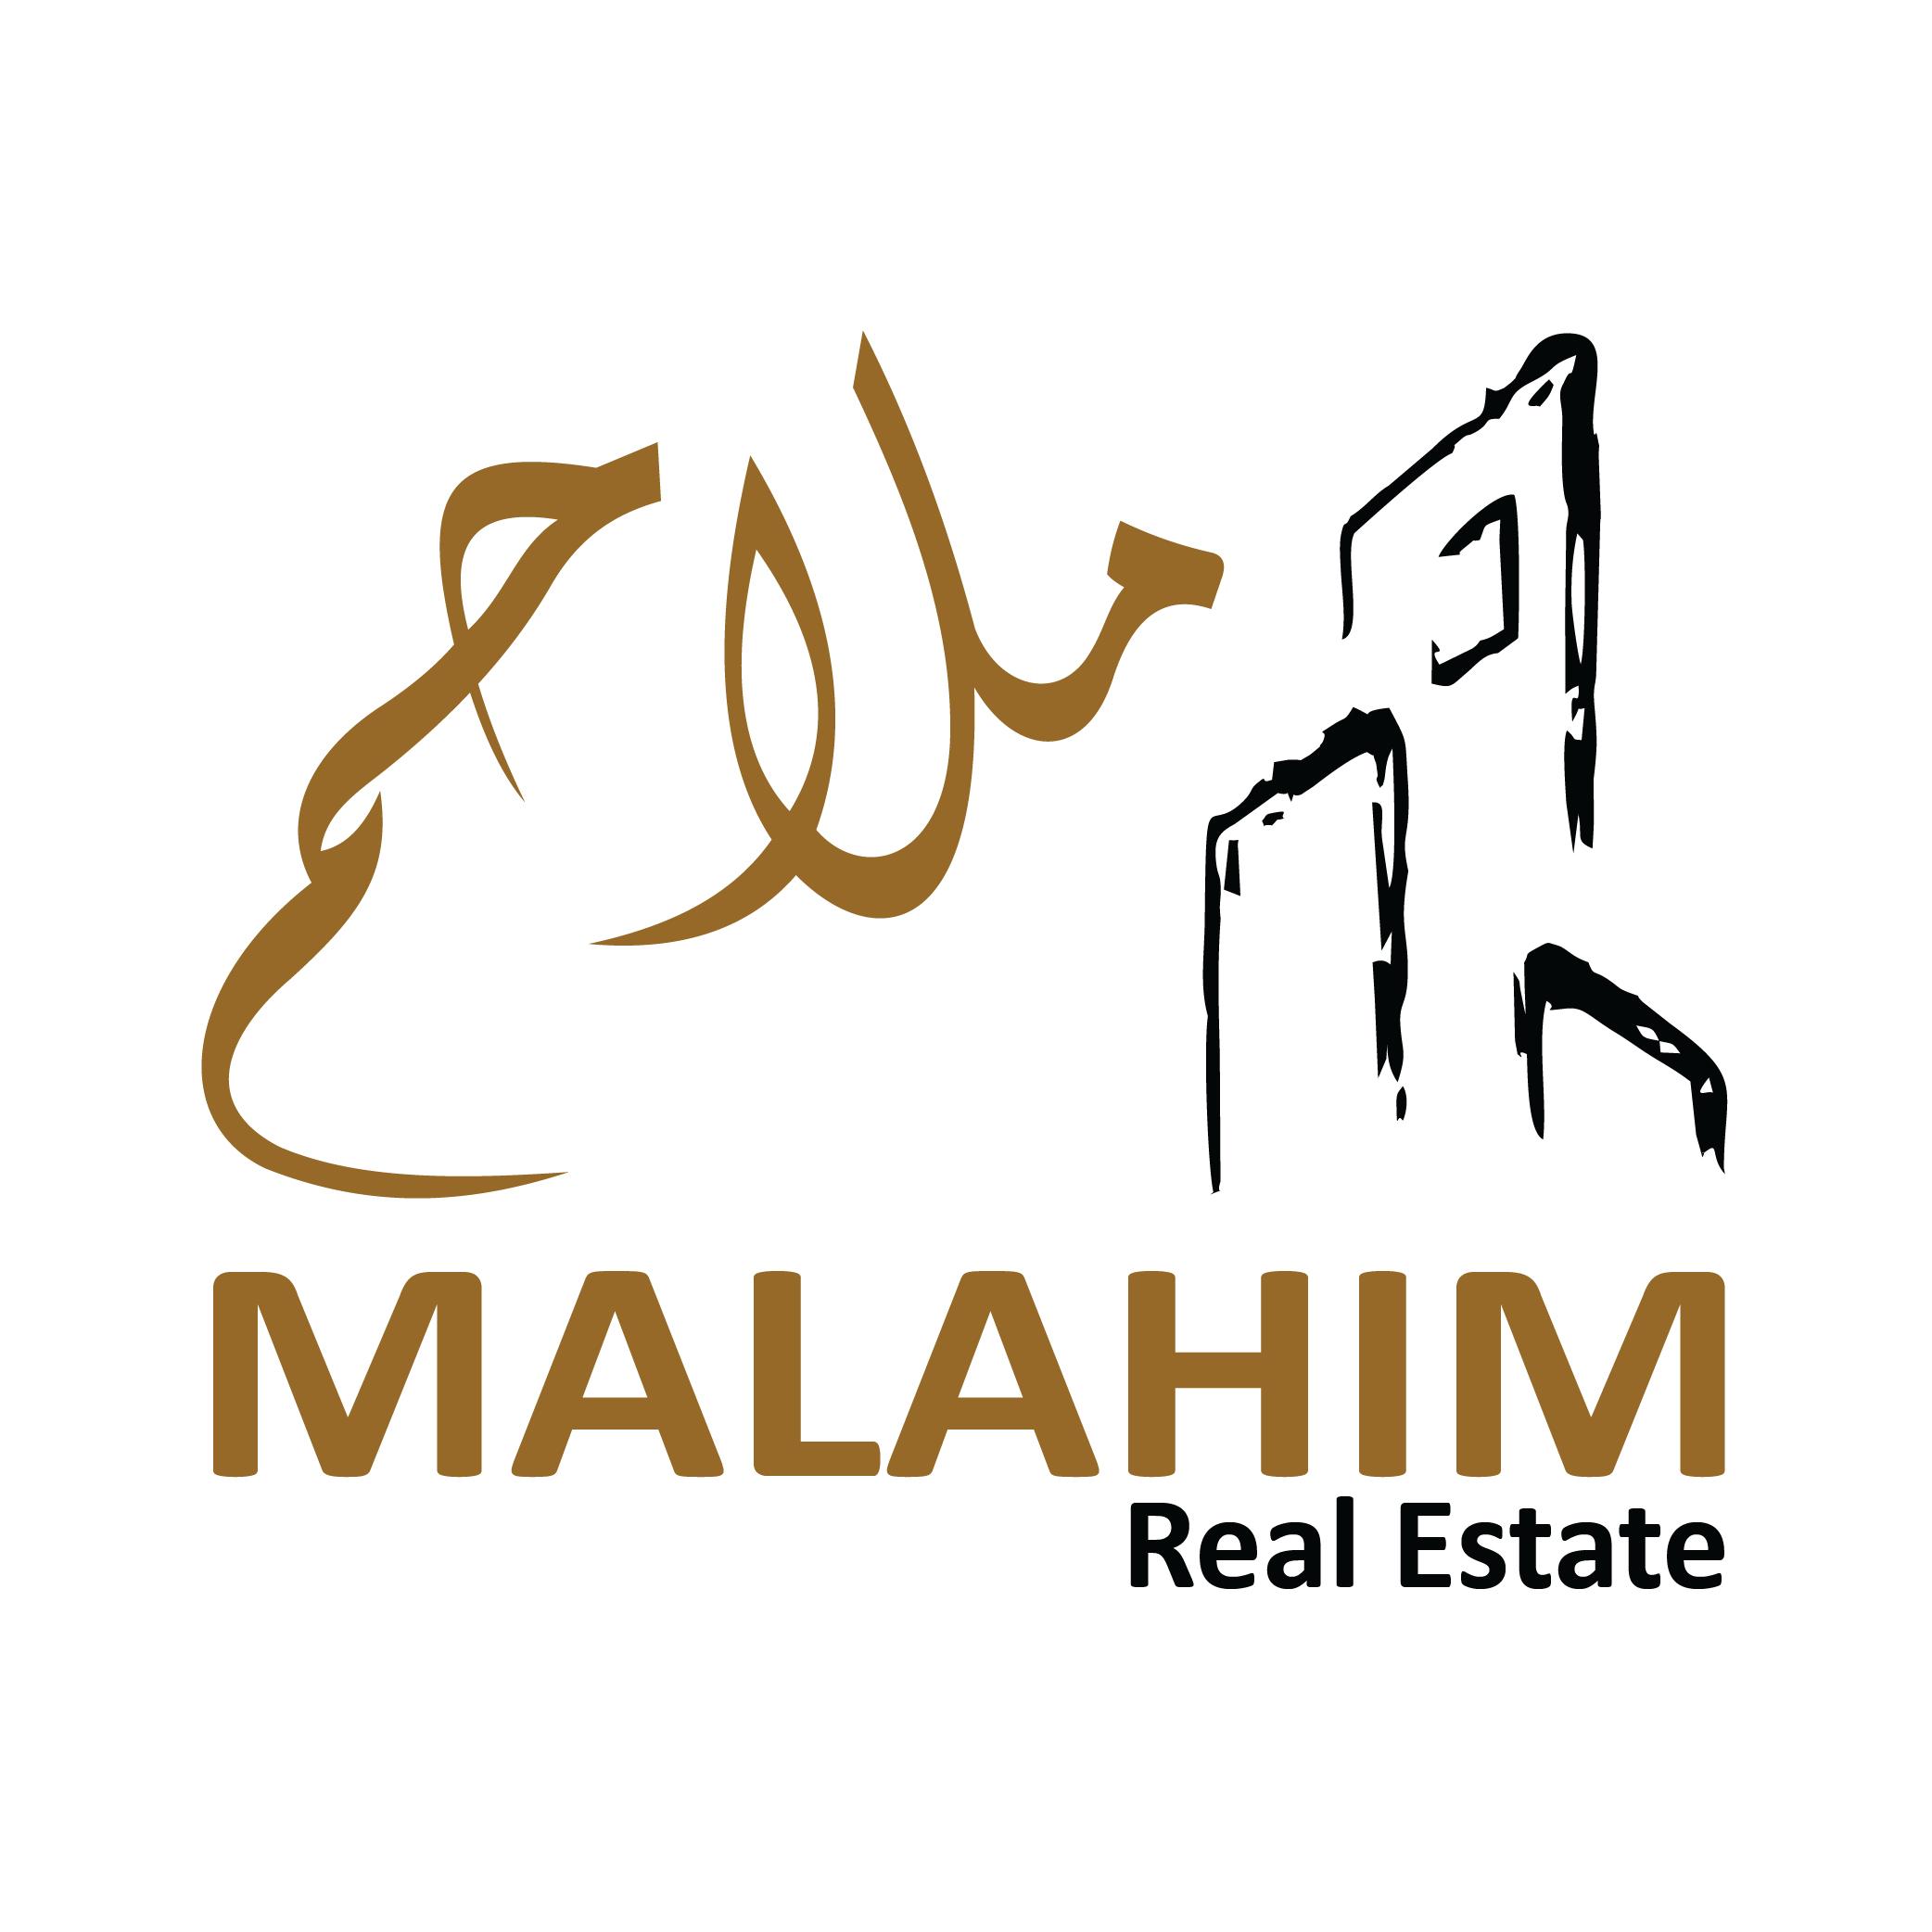 Malahim Real Estate